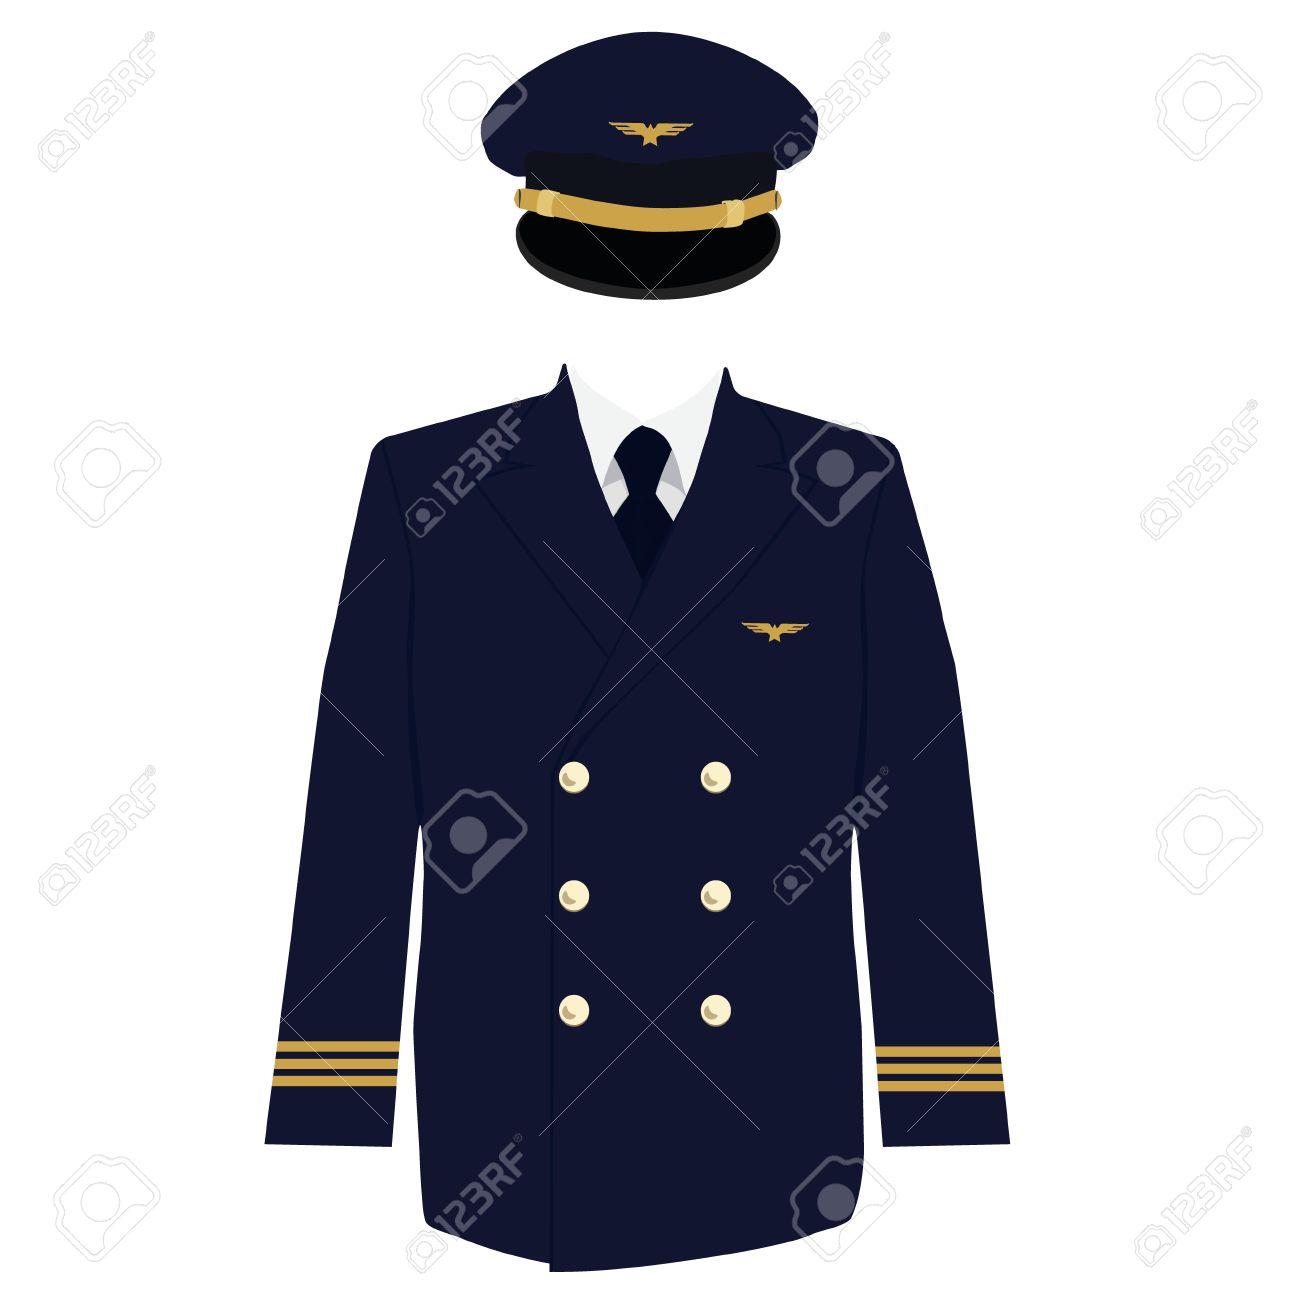 Ilustración De La Trama Piloto, Capitán, Capa Uniforme De Aviador Y ...